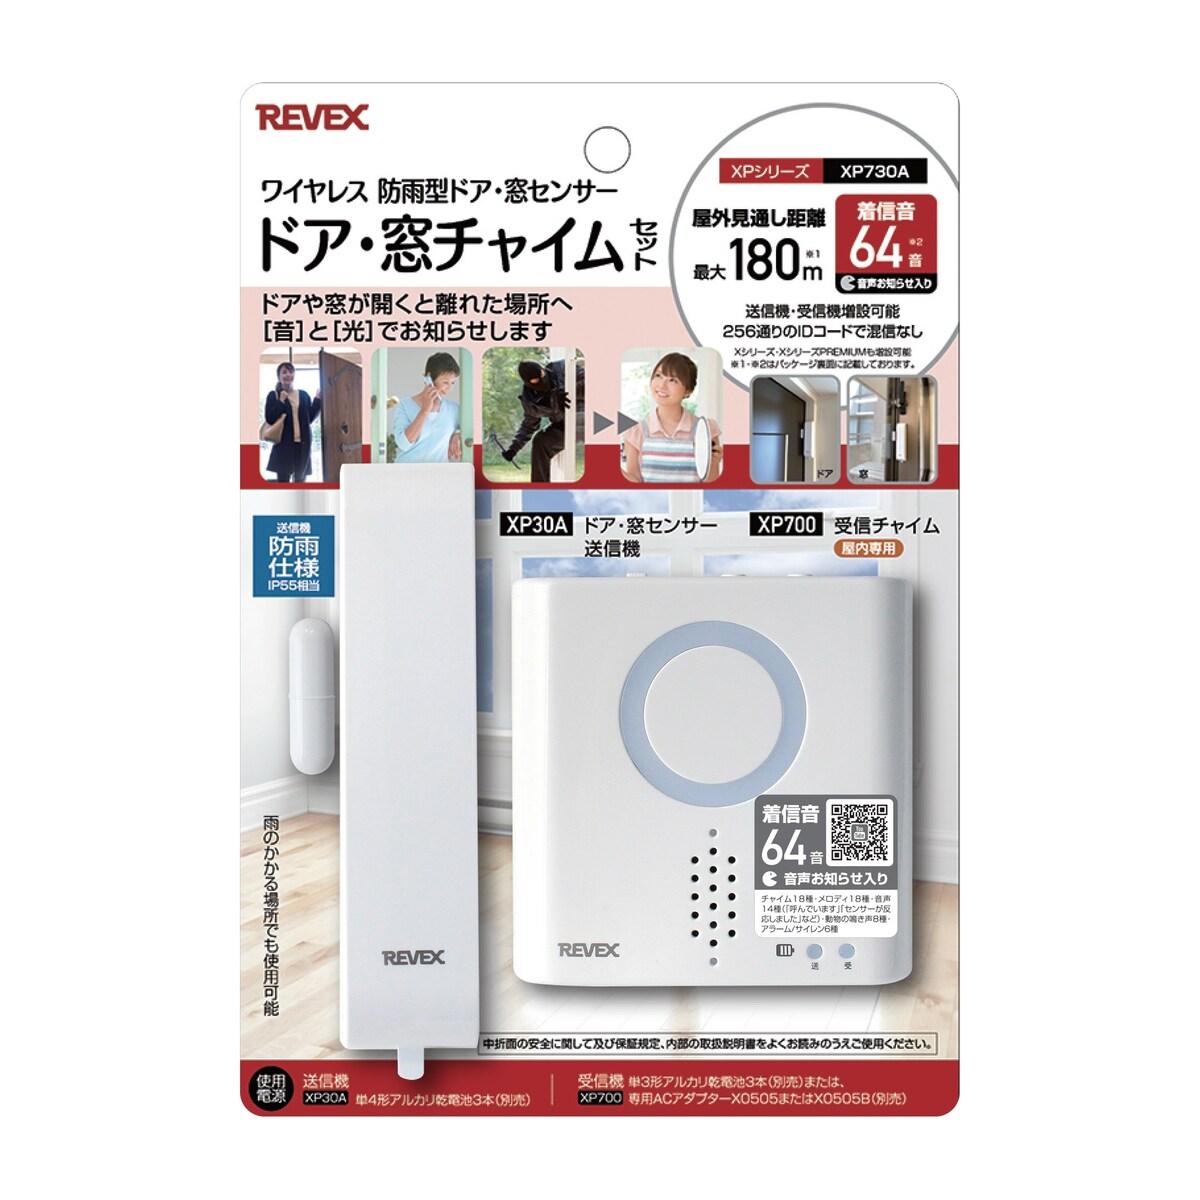 リーベックス ドア 窓チャイムセット XP700 XP30A ワイヤレス XP730A 大幅値下げランキング 窓センサー XPシリーズ 卓越 防雨型ドア